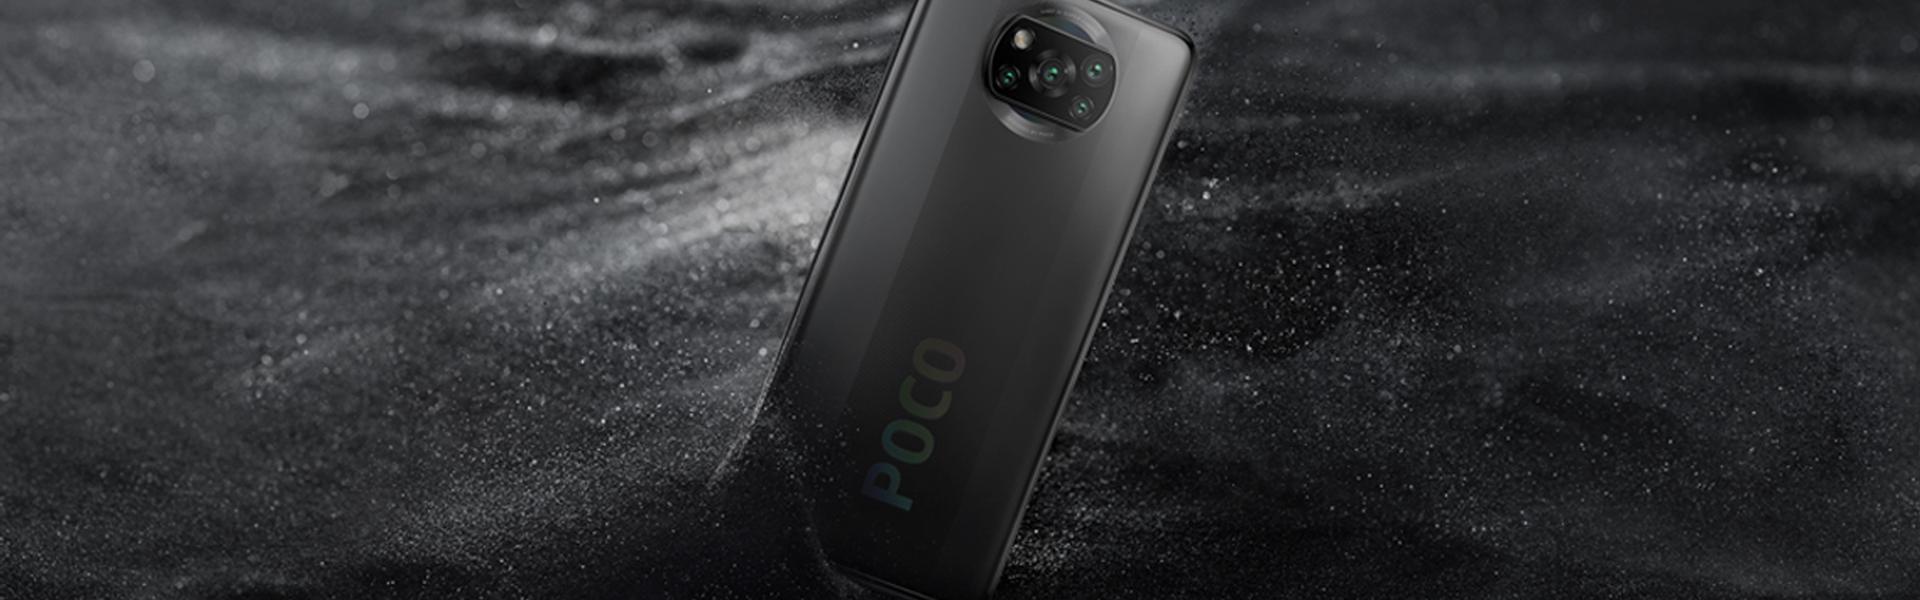 POCO X3 NFC: BESTE KOOP ALS JE KIJKT NAAR PRIJS VS. SPECS